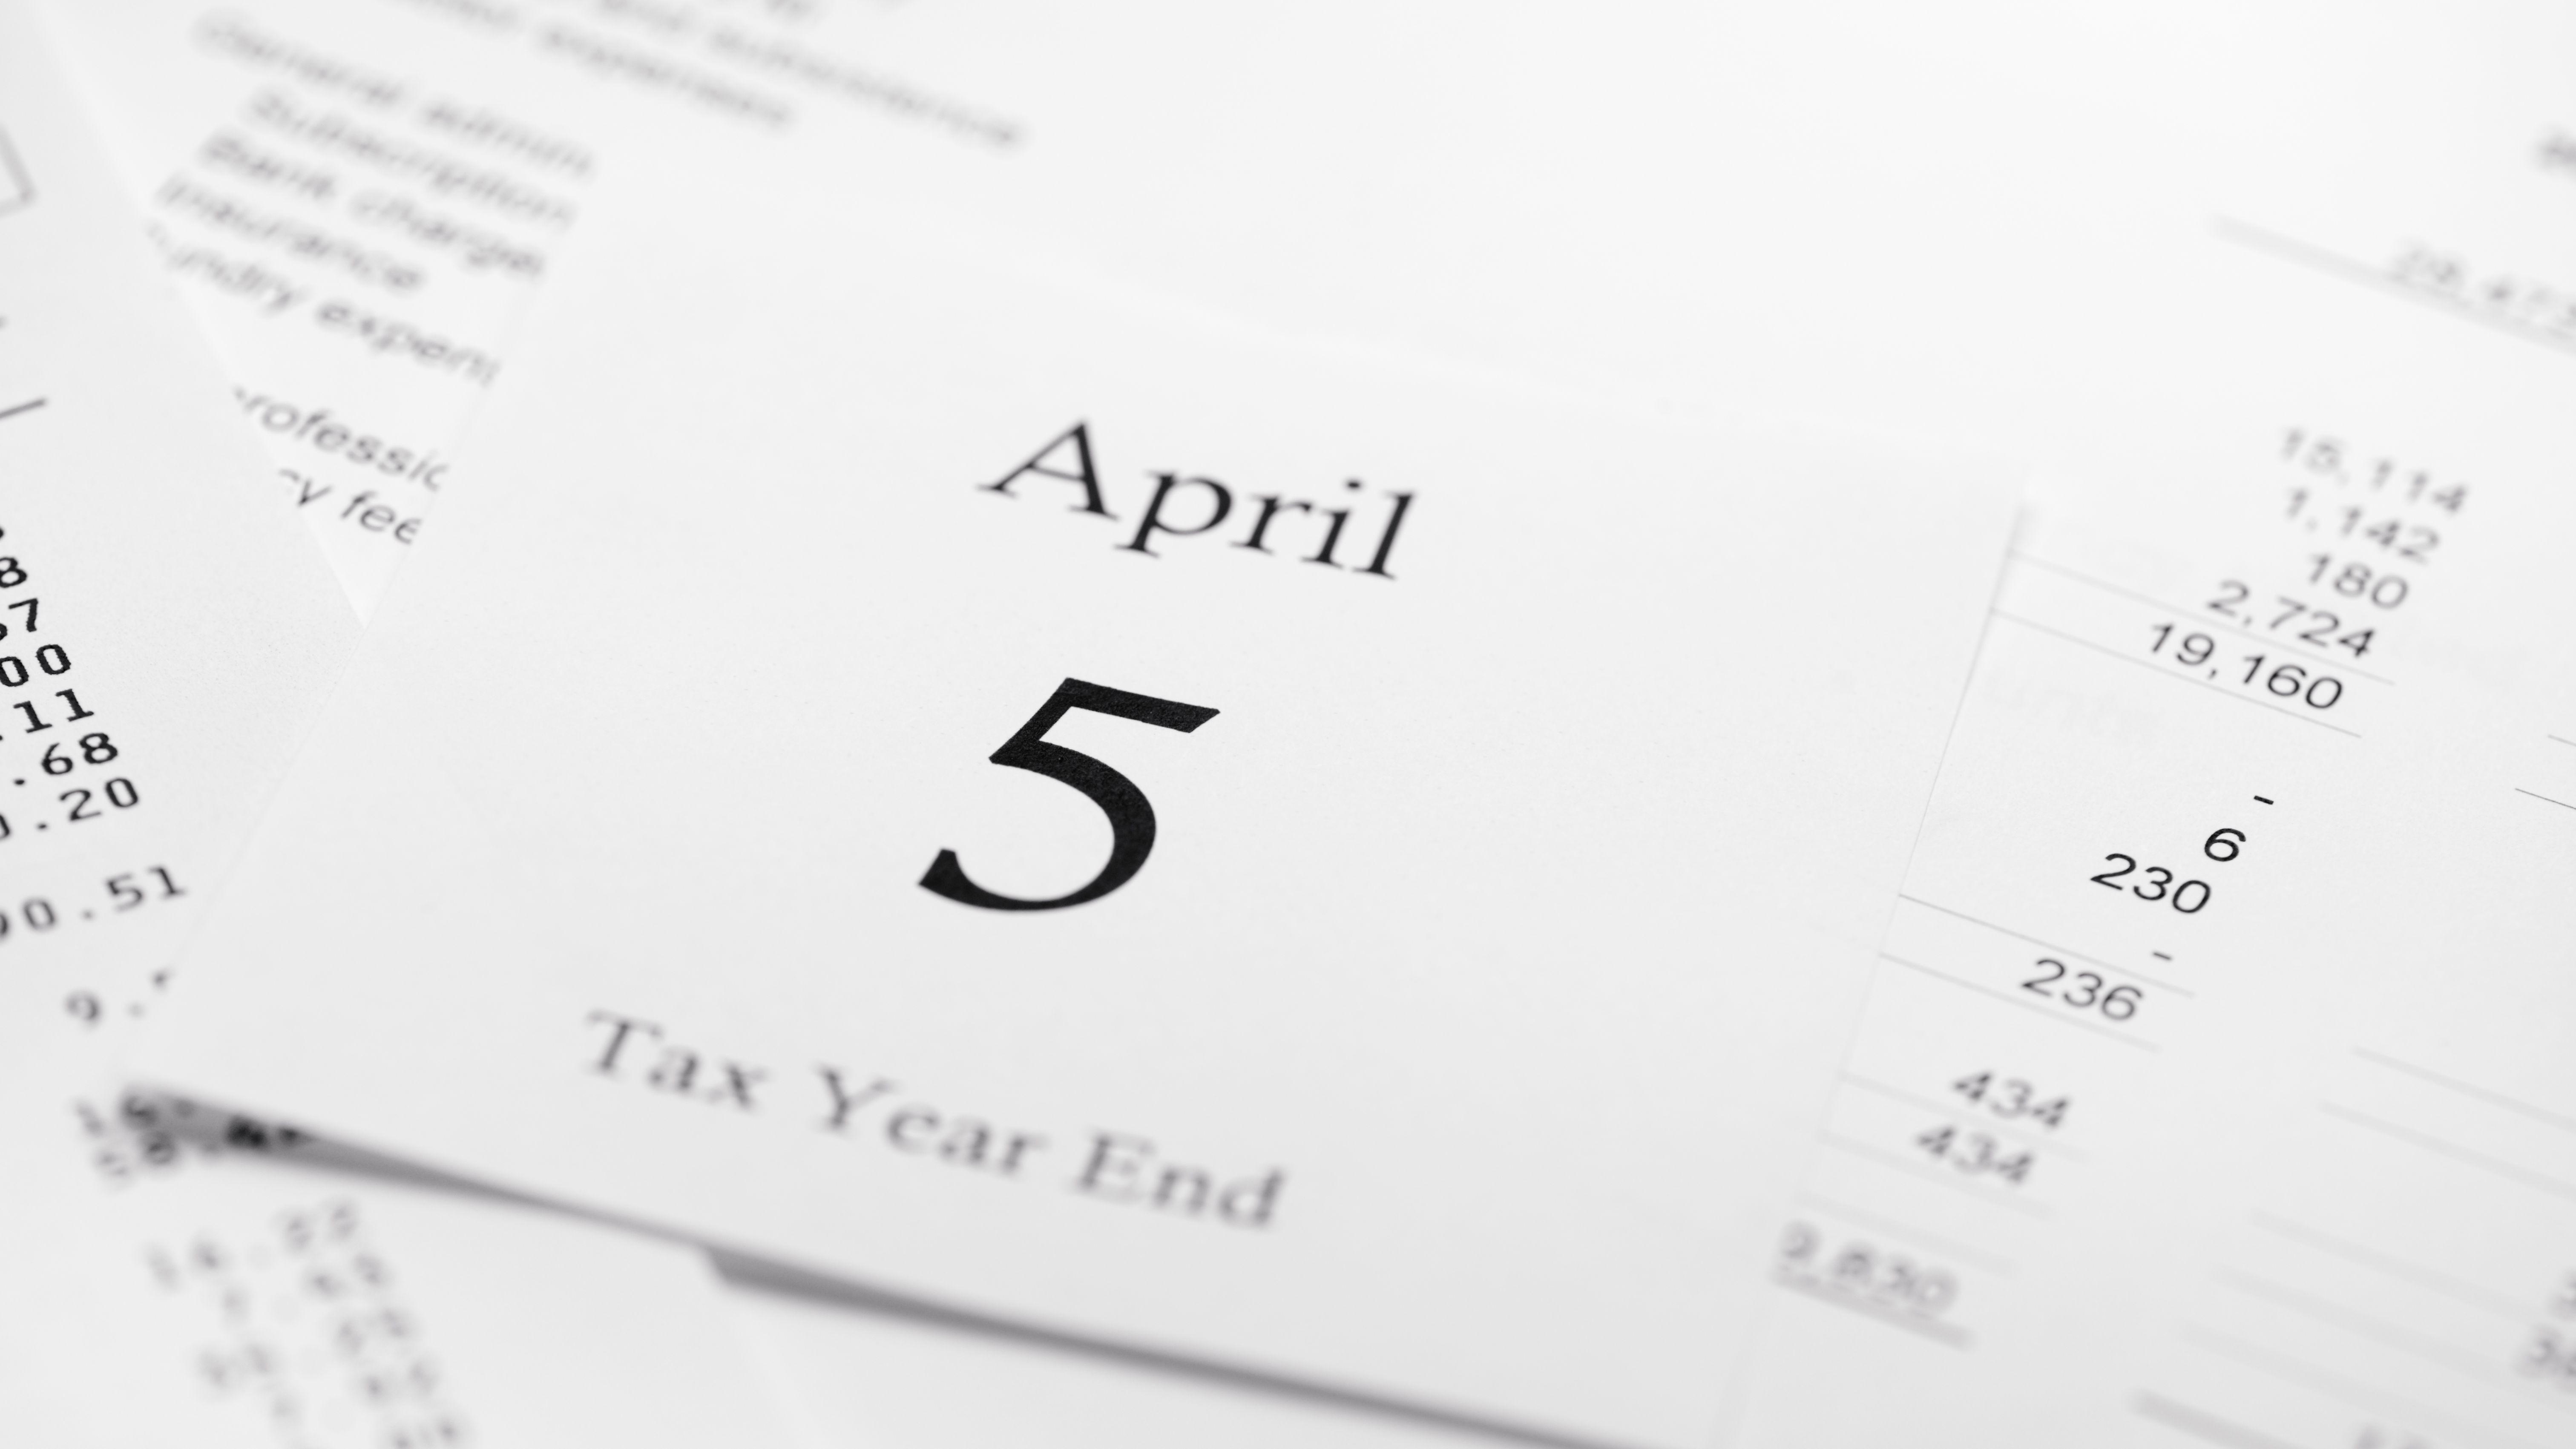 Tax Year Definition